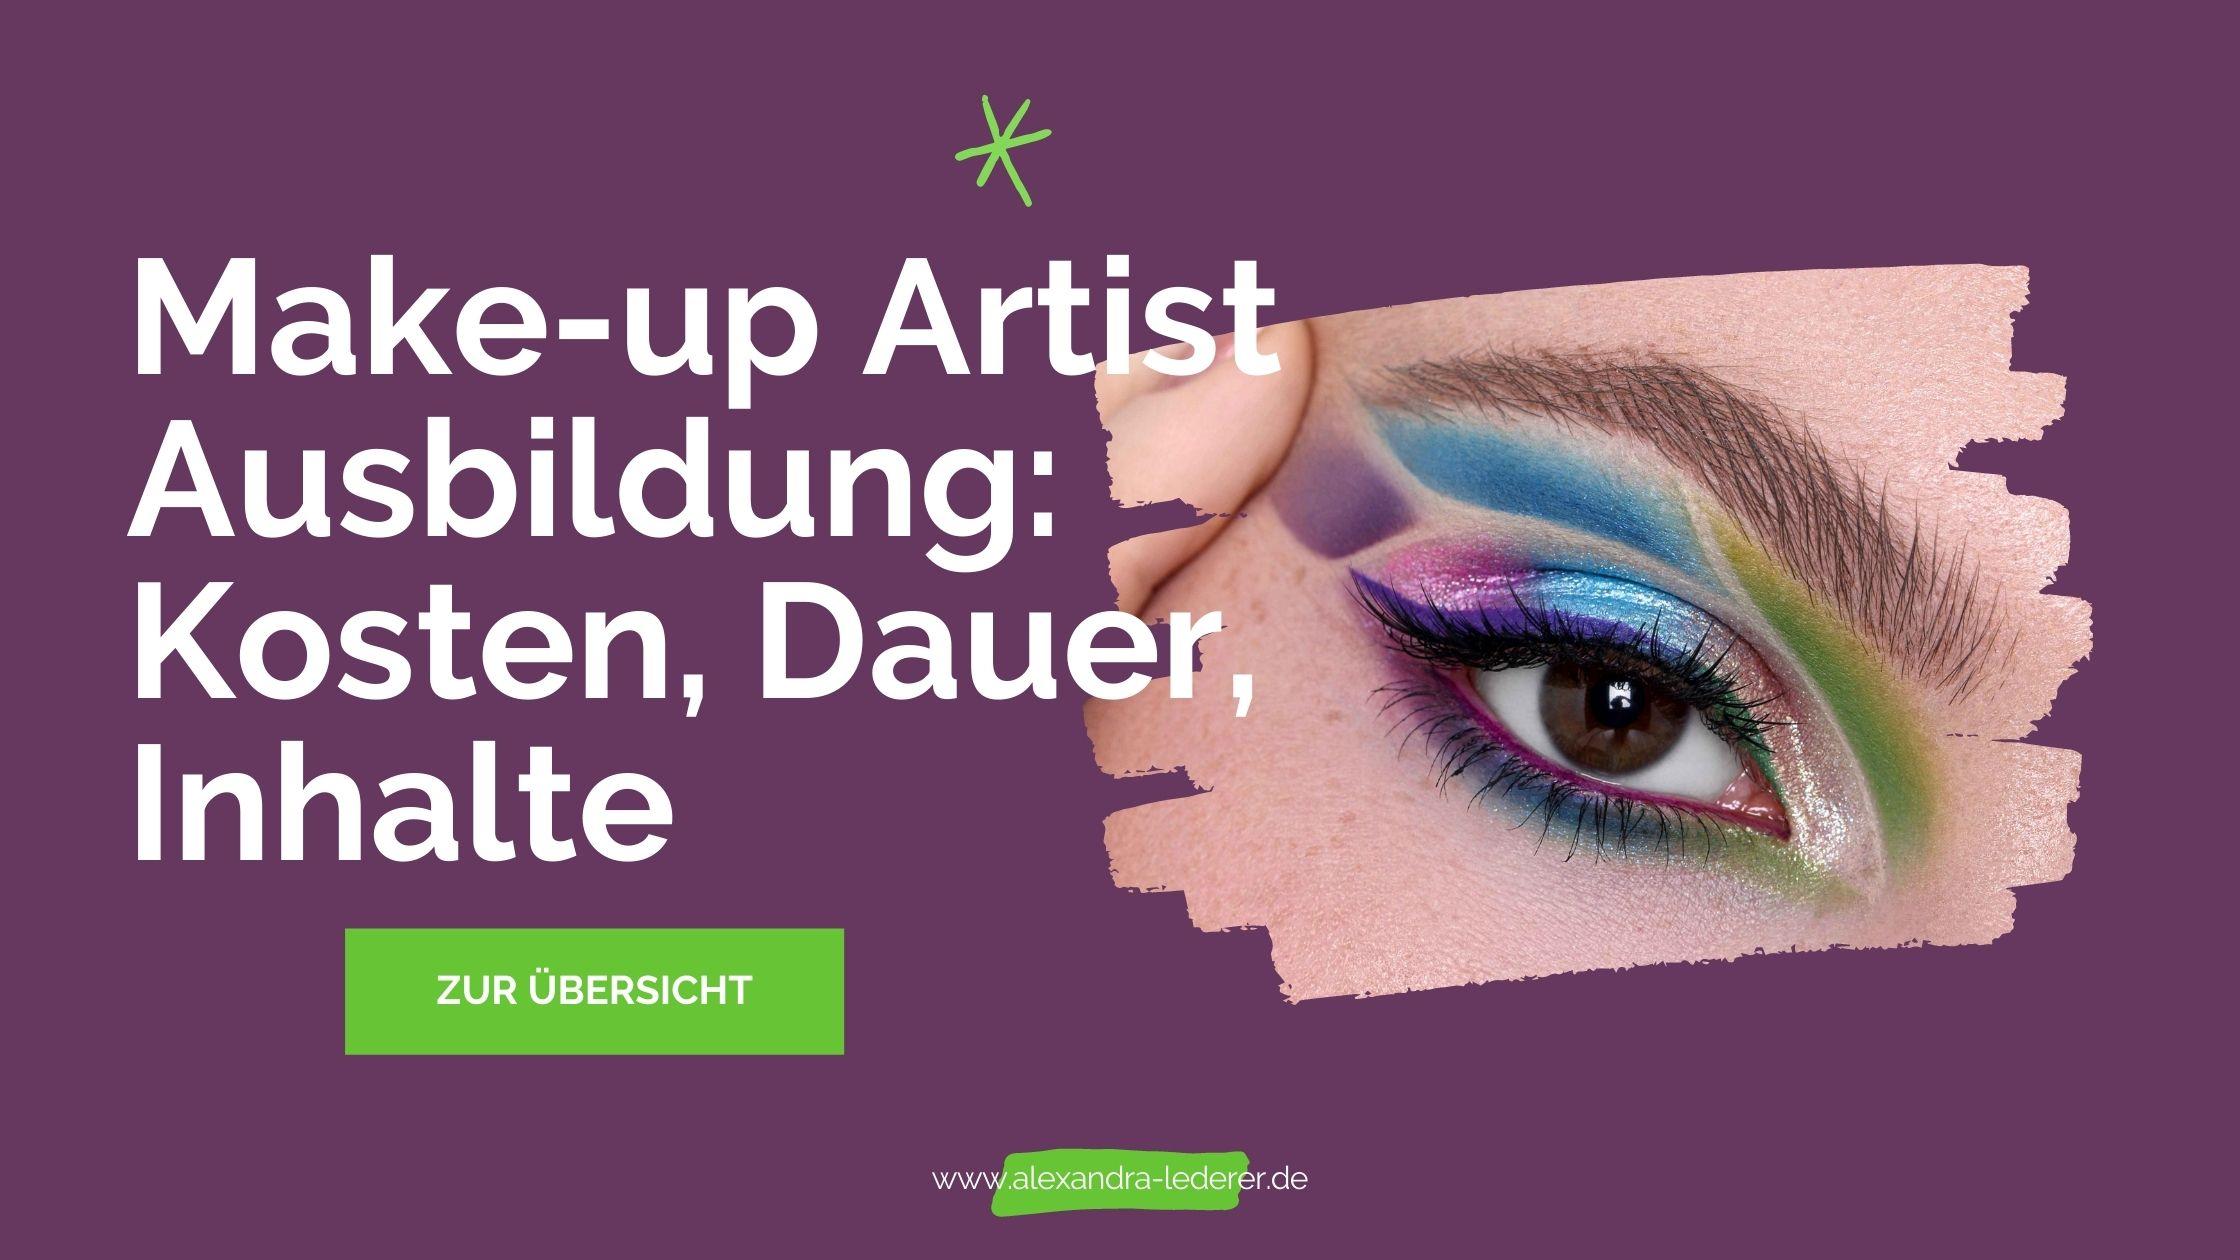 Make-up Artist Ausbildung Kosten